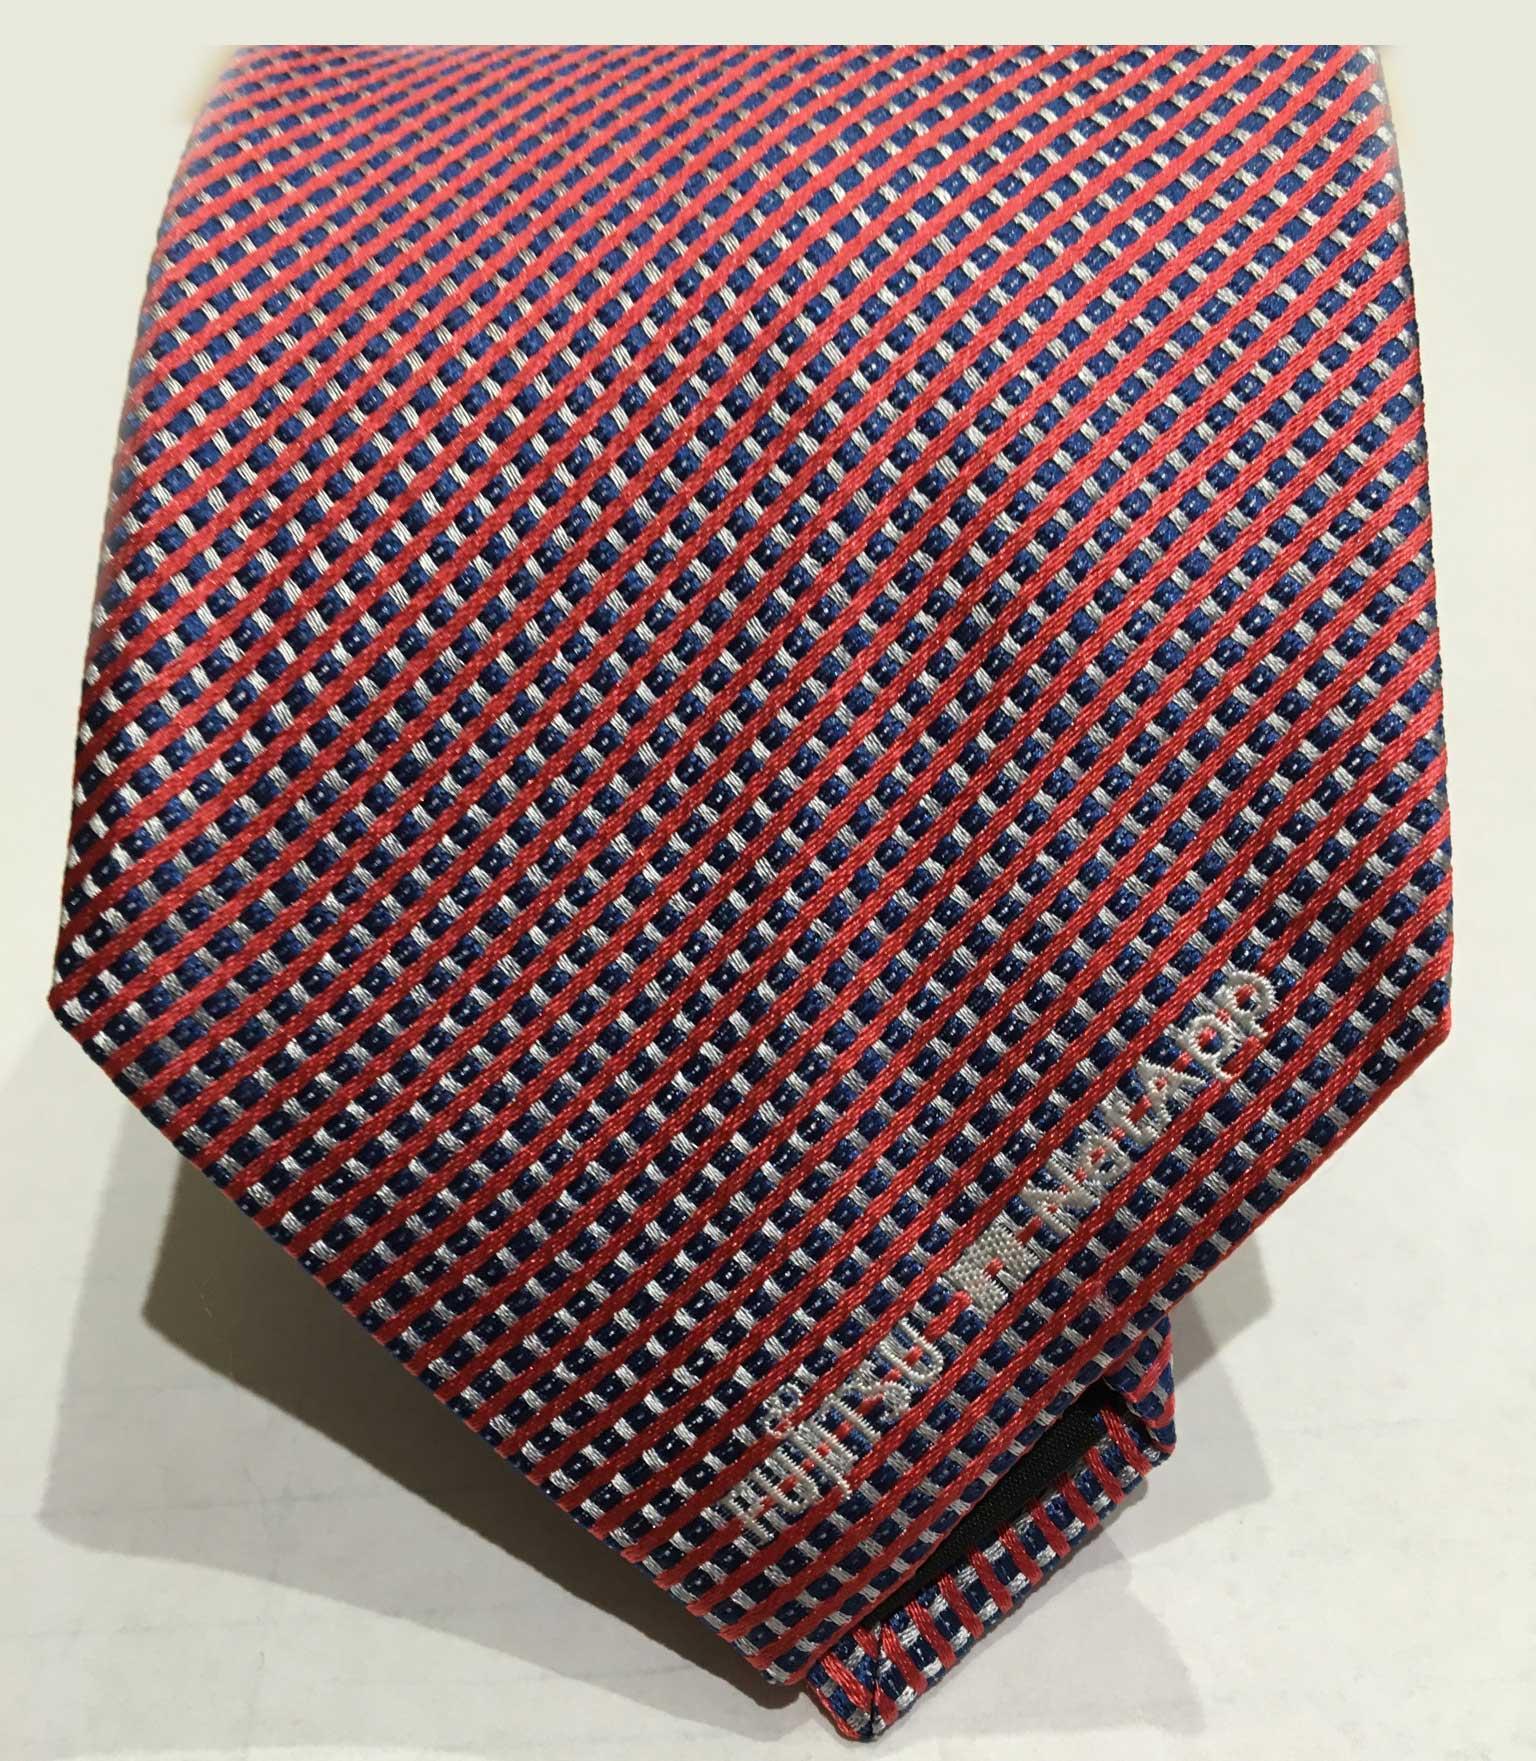 Fujitsu Krawatte unter Vorgabe der einzelnen Farben